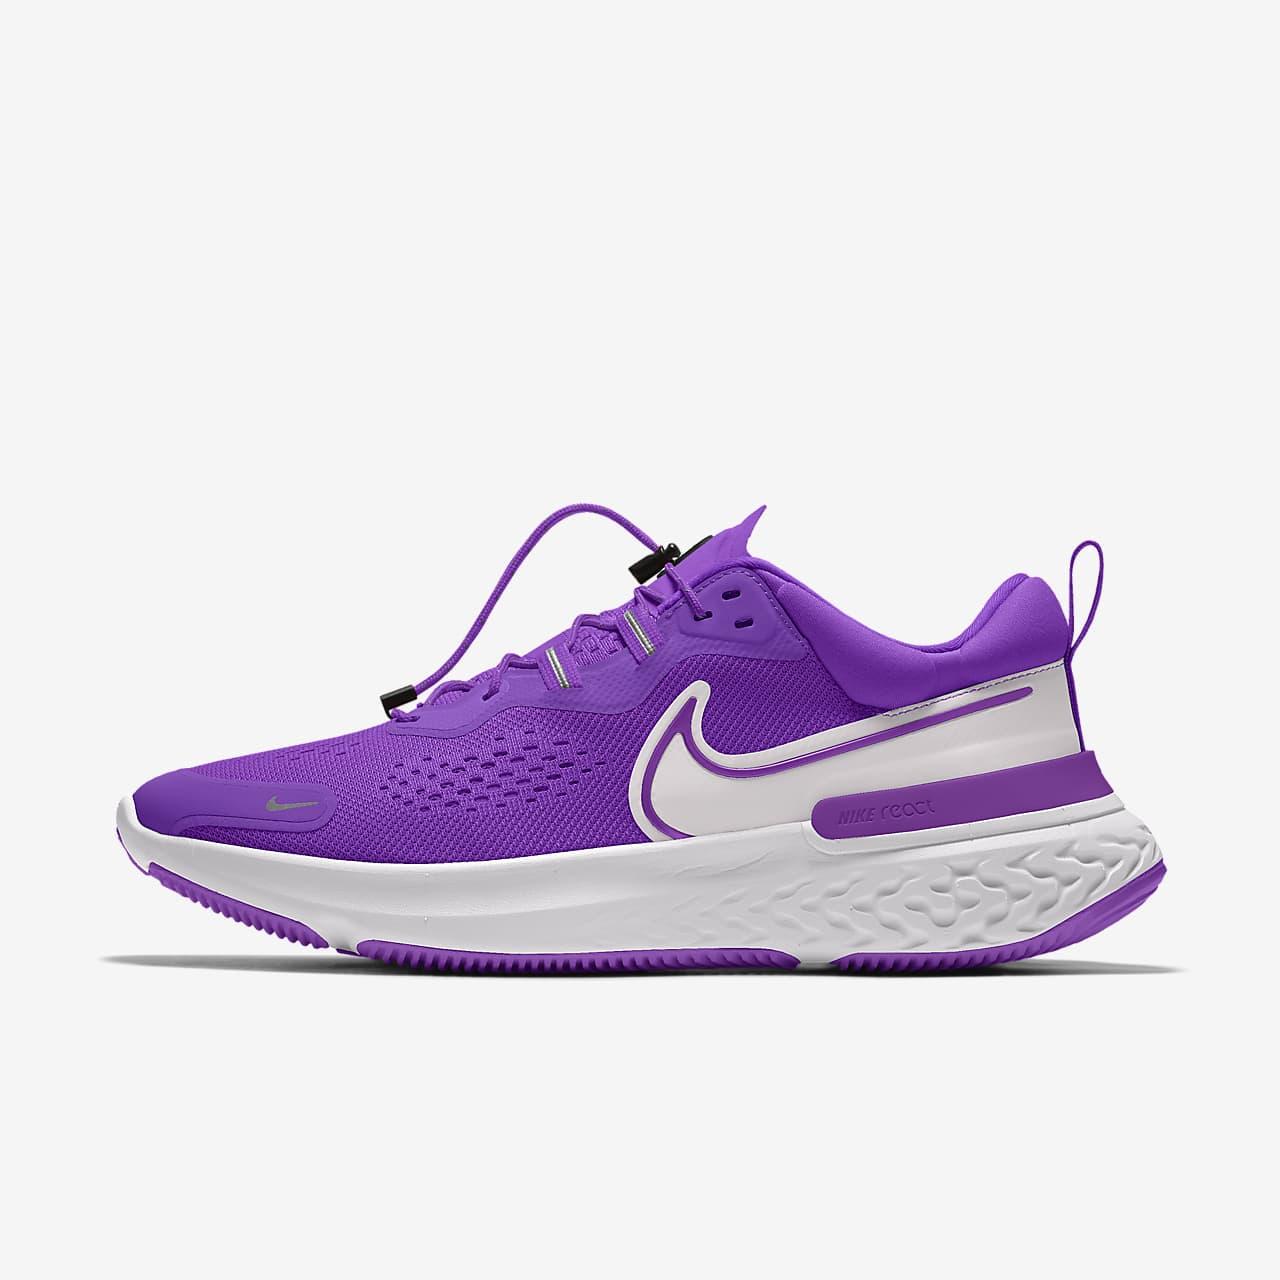 Nike React Miler 2 By You Custom Women's Running Shoe